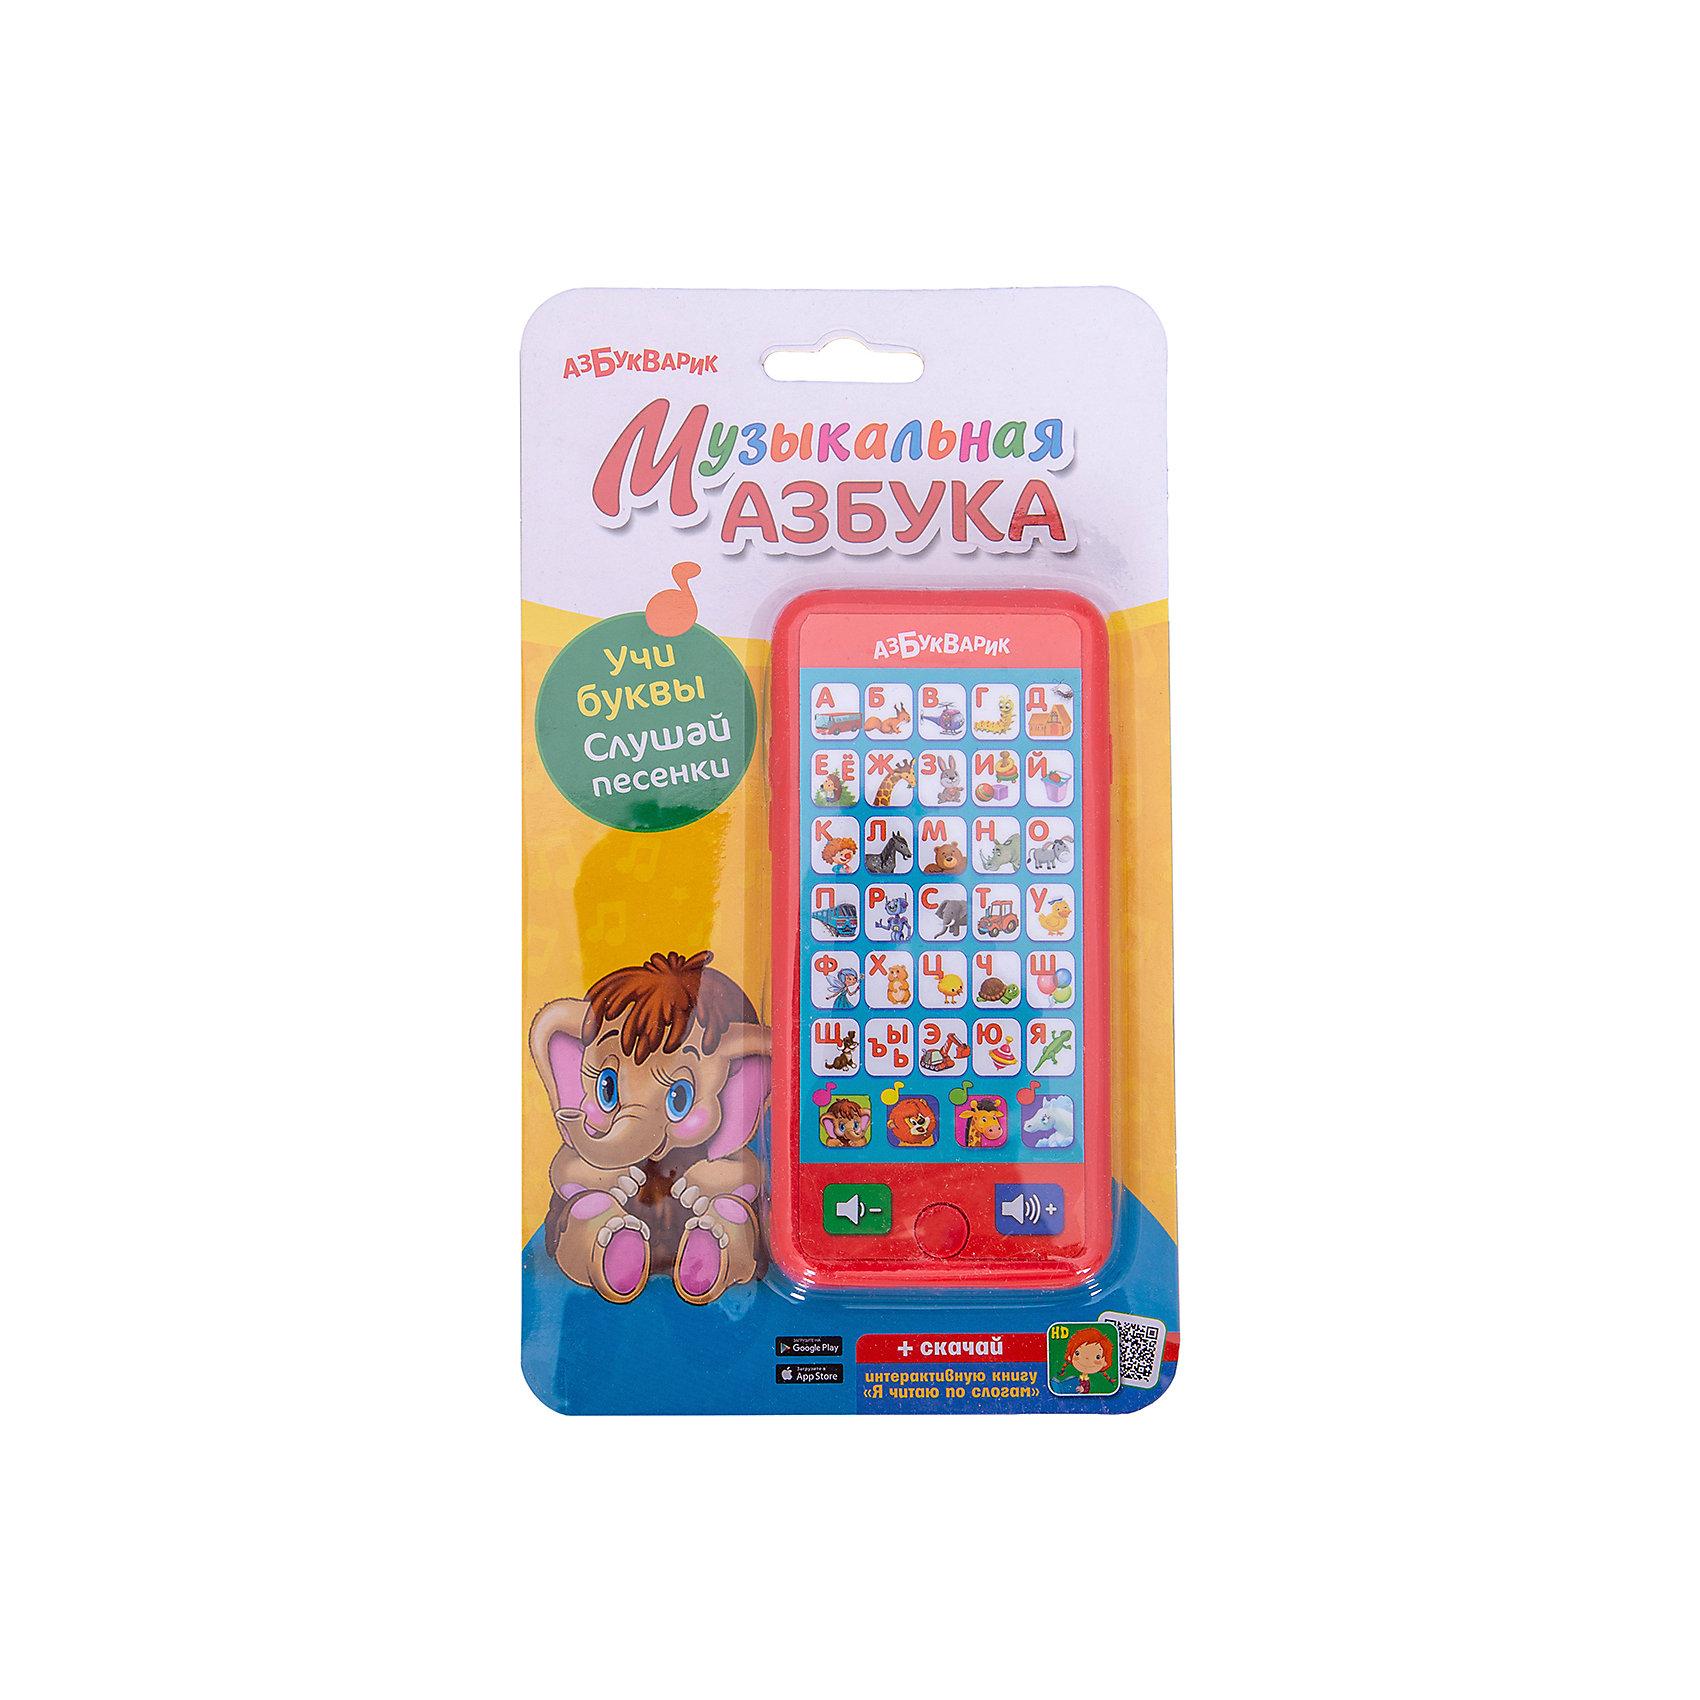 Музыкальная азбука (красная), АзбукварикОбучающие книги<br>Ваш малыш придет в восторг от своего собственного телефона! Это не просто яркая игрушка, с помощью нее ваш ребенок освоит алфавит, ну и, конечно, послушает любимые мелодии. Благодаря небольшому размеру, игрушка поместится даже в кармане: ее можно брать с собой куда угодно - любимые мелодии и сюжеты всегда будут рядом!<br><br>Дополнительная информация:<br><br>- Материал: пластик.<br>- Размер: 7 х 13,5 см.<br>- Алфавит и 4 песенки.<br>- Элемент питания: батарейки ААА (в комплекте).<br>- Цвет: красный.<br><br>Музыкальную азбуку (красный), Азбукварик, можно купить в нашем магазине.<br><br>Ширина мм: 222<br>Глубина мм: 15<br>Высота мм: 130<br>Вес г: 115<br>Возраст от месяцев: 24<br>Возраст до месяцев: 60<br>Пол: Унисекс<br>Возраст: Детский<br>SKU: 4288908